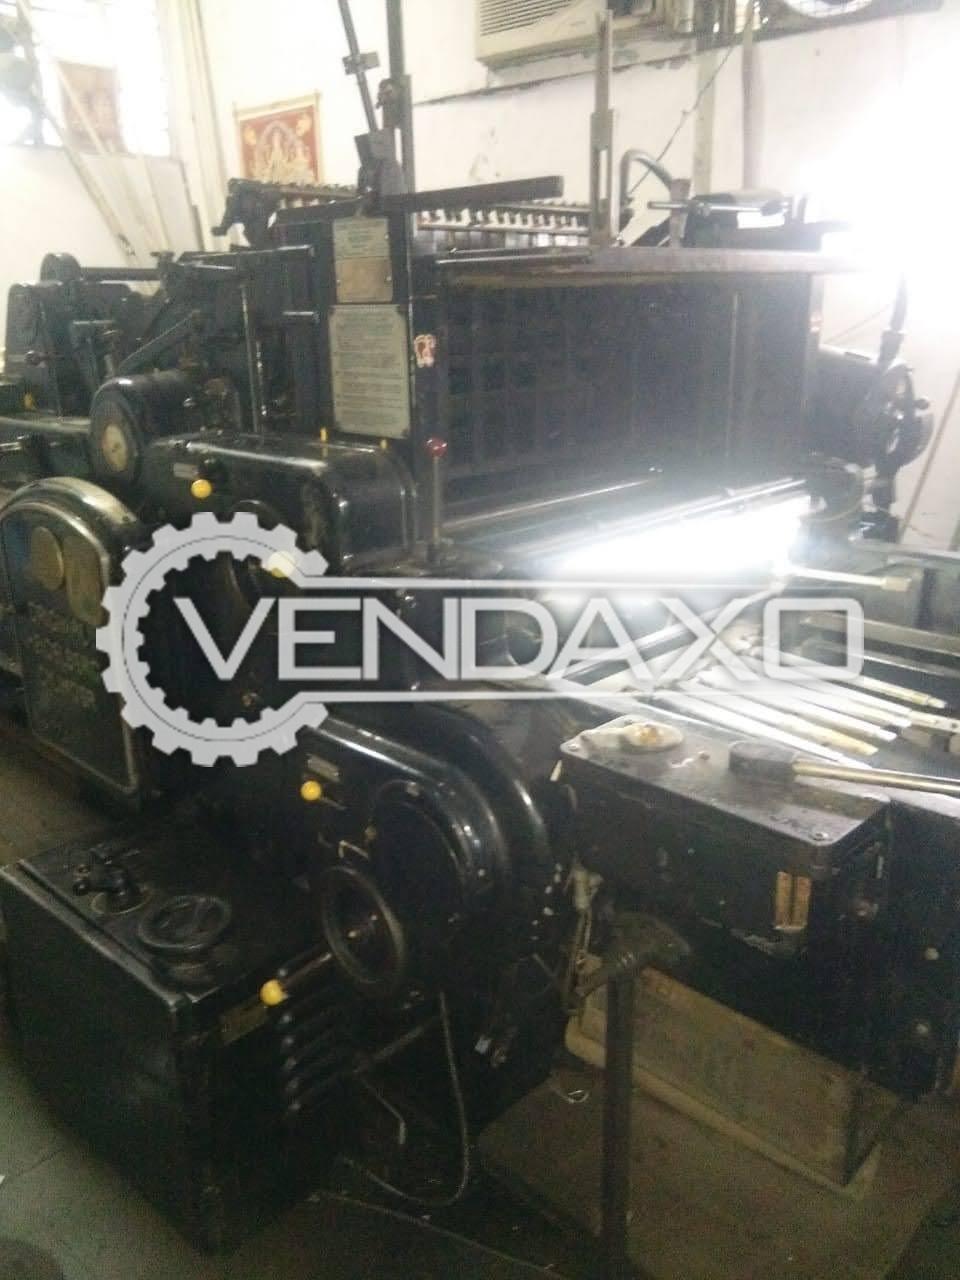 Heidelberg Cylinder Die Cutting Machine - Size - 22 x 28 Inch